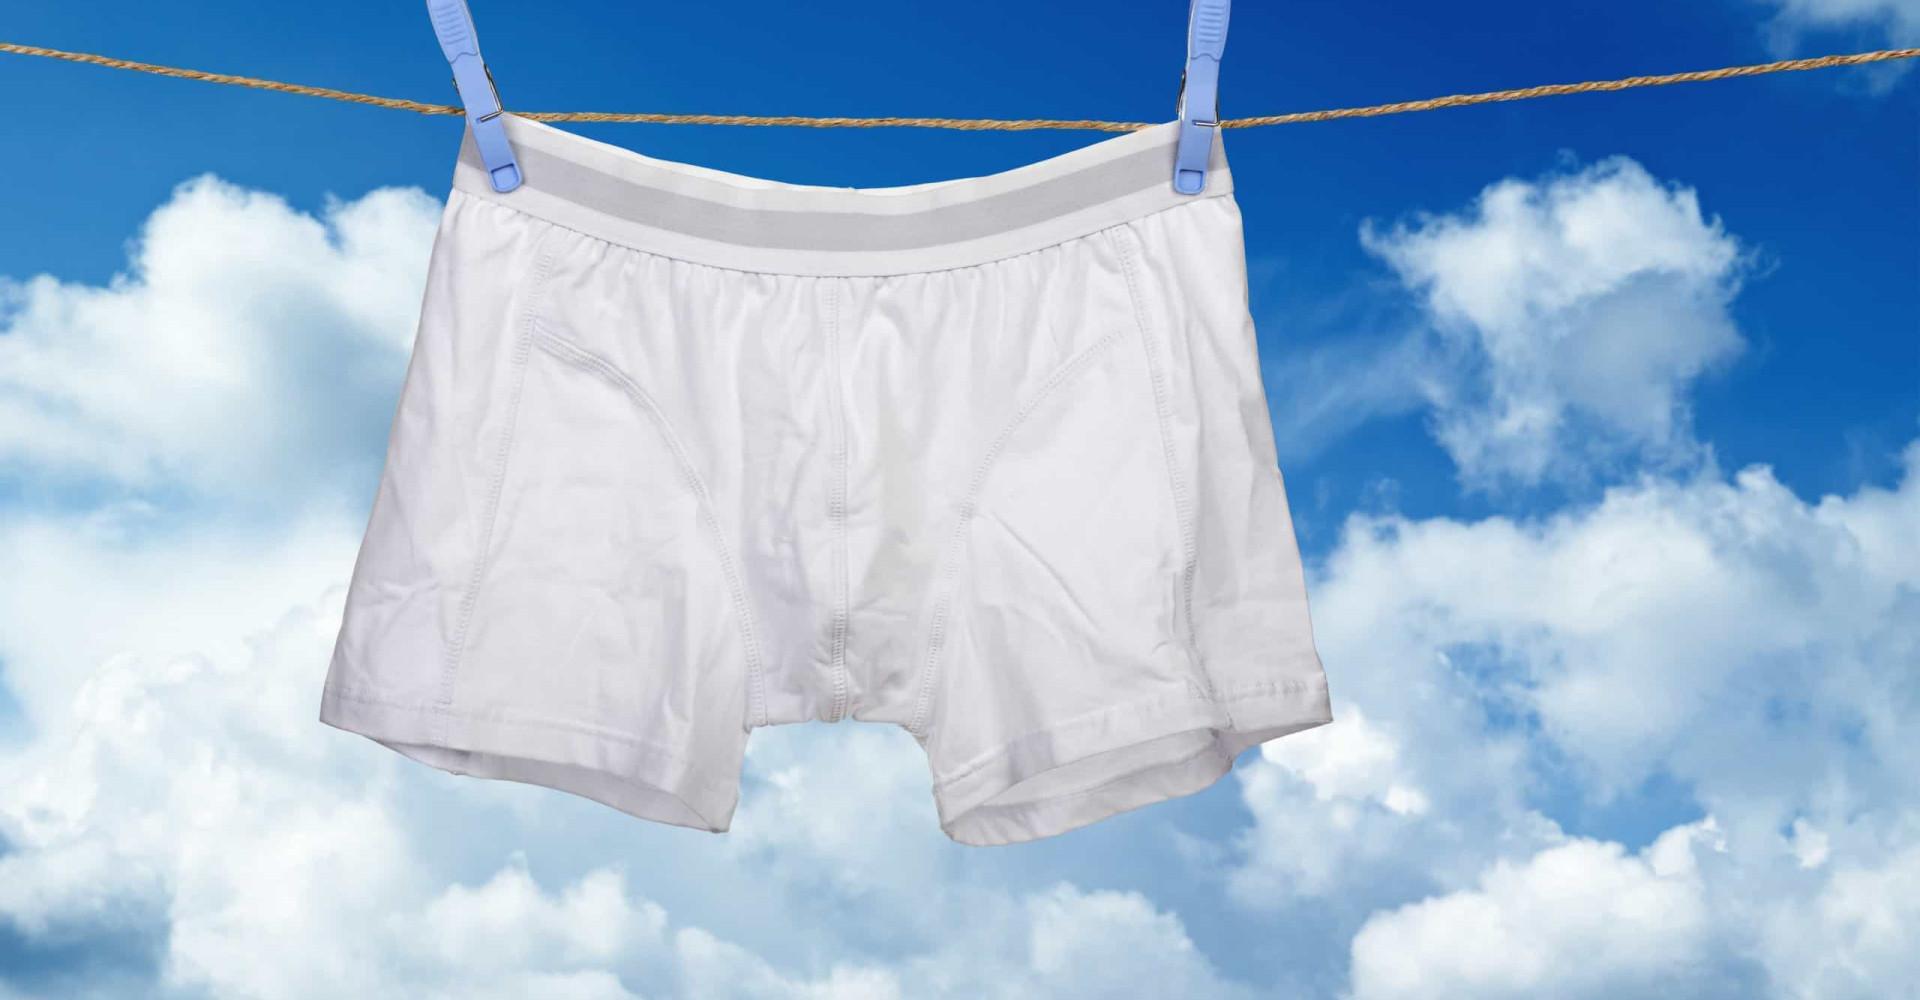 Wijde boxershorts zijn beter voor je sperma